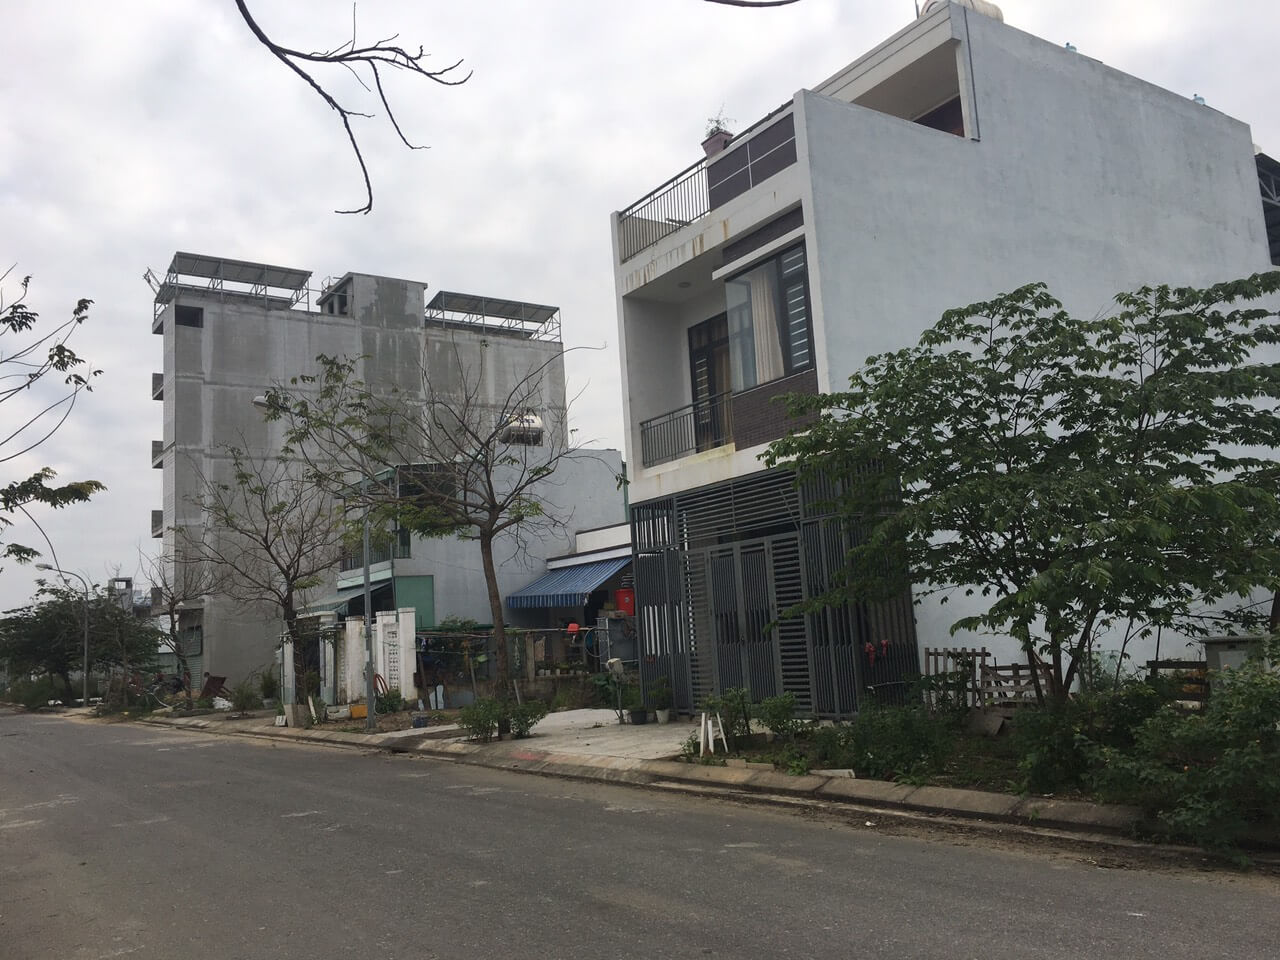 Bán Đất Hòa Quý – Ngũ Hành Sơn – Đà Nẵng | Trần Minh BĐS